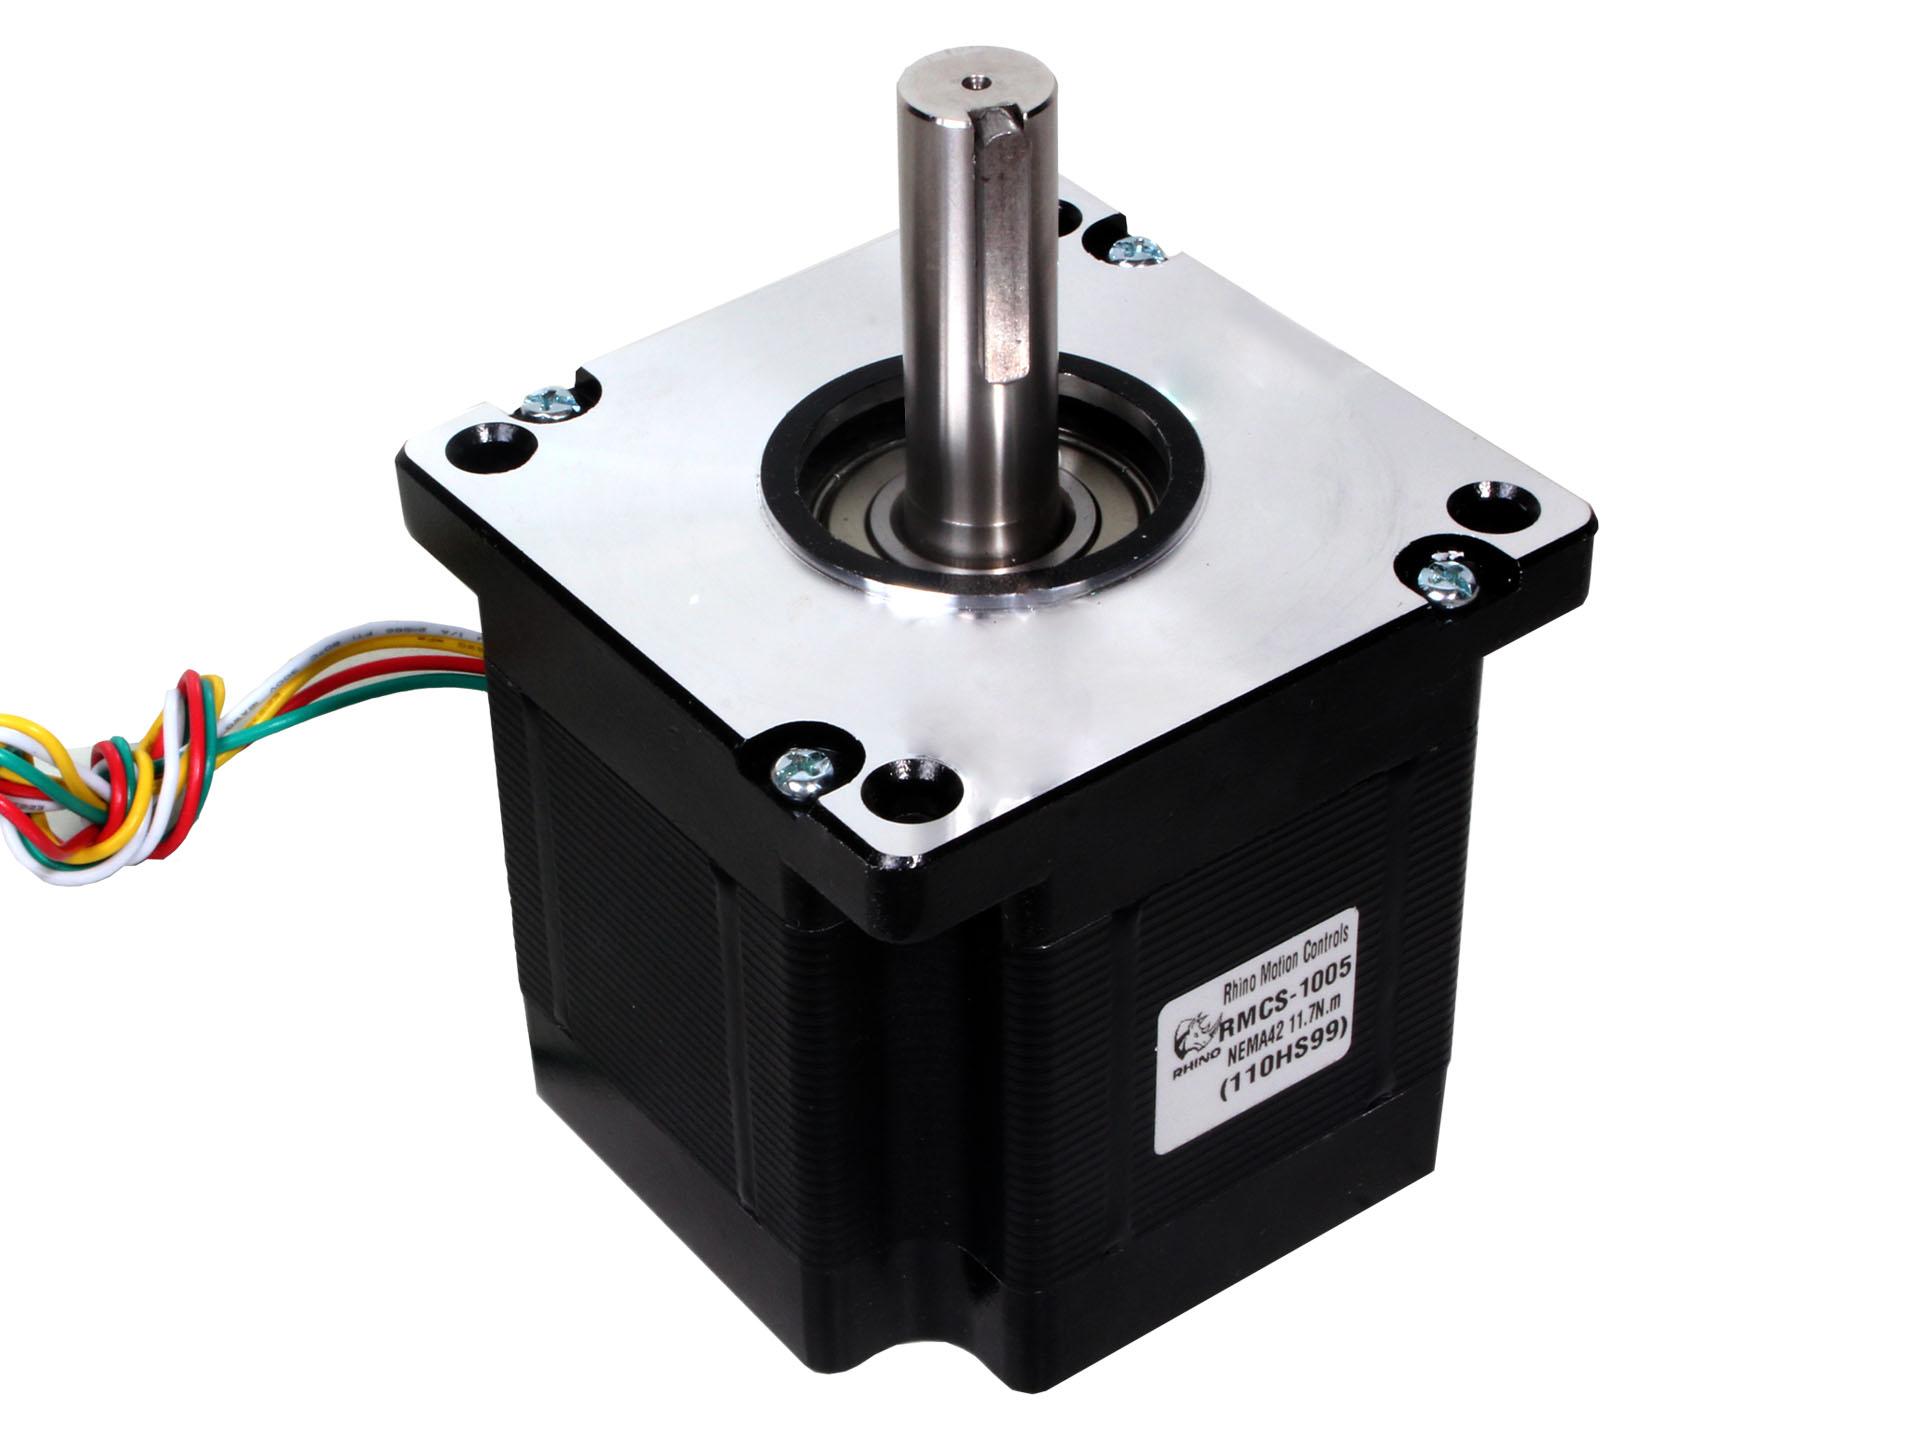 NEMA42 Stepper Motor 110Kgcm Torque (RMCS-1005)